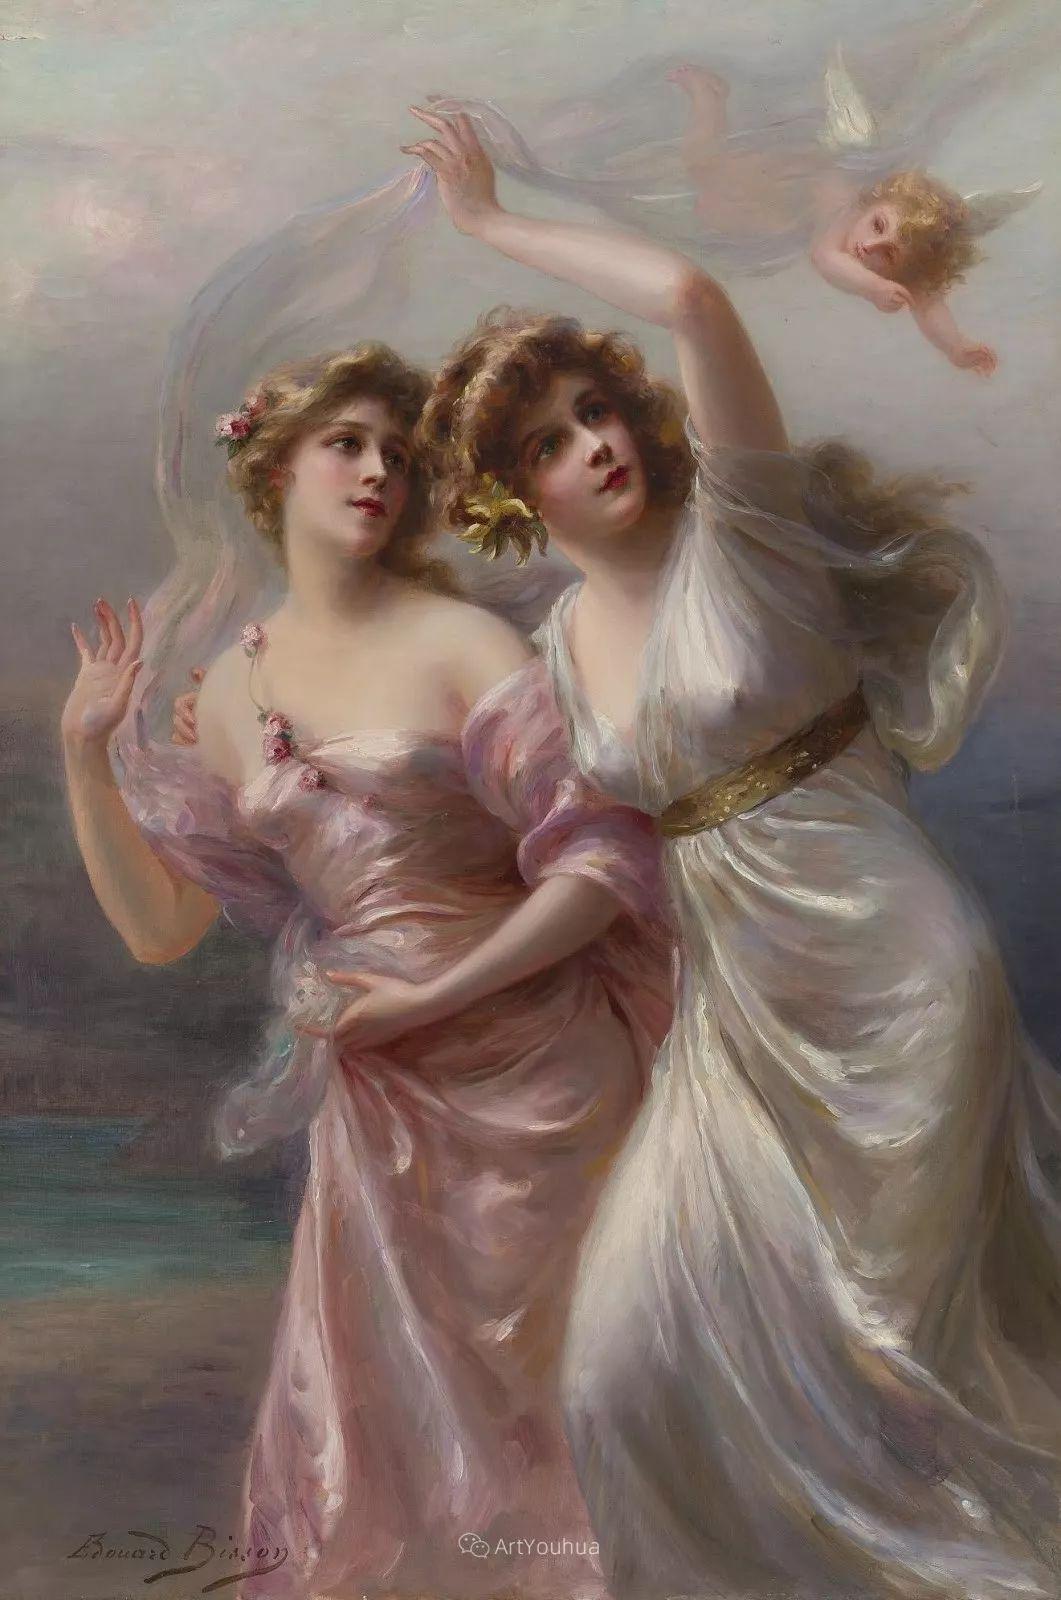 法国画家油画中的仙女,身披薄纱,性感迷人!插图9